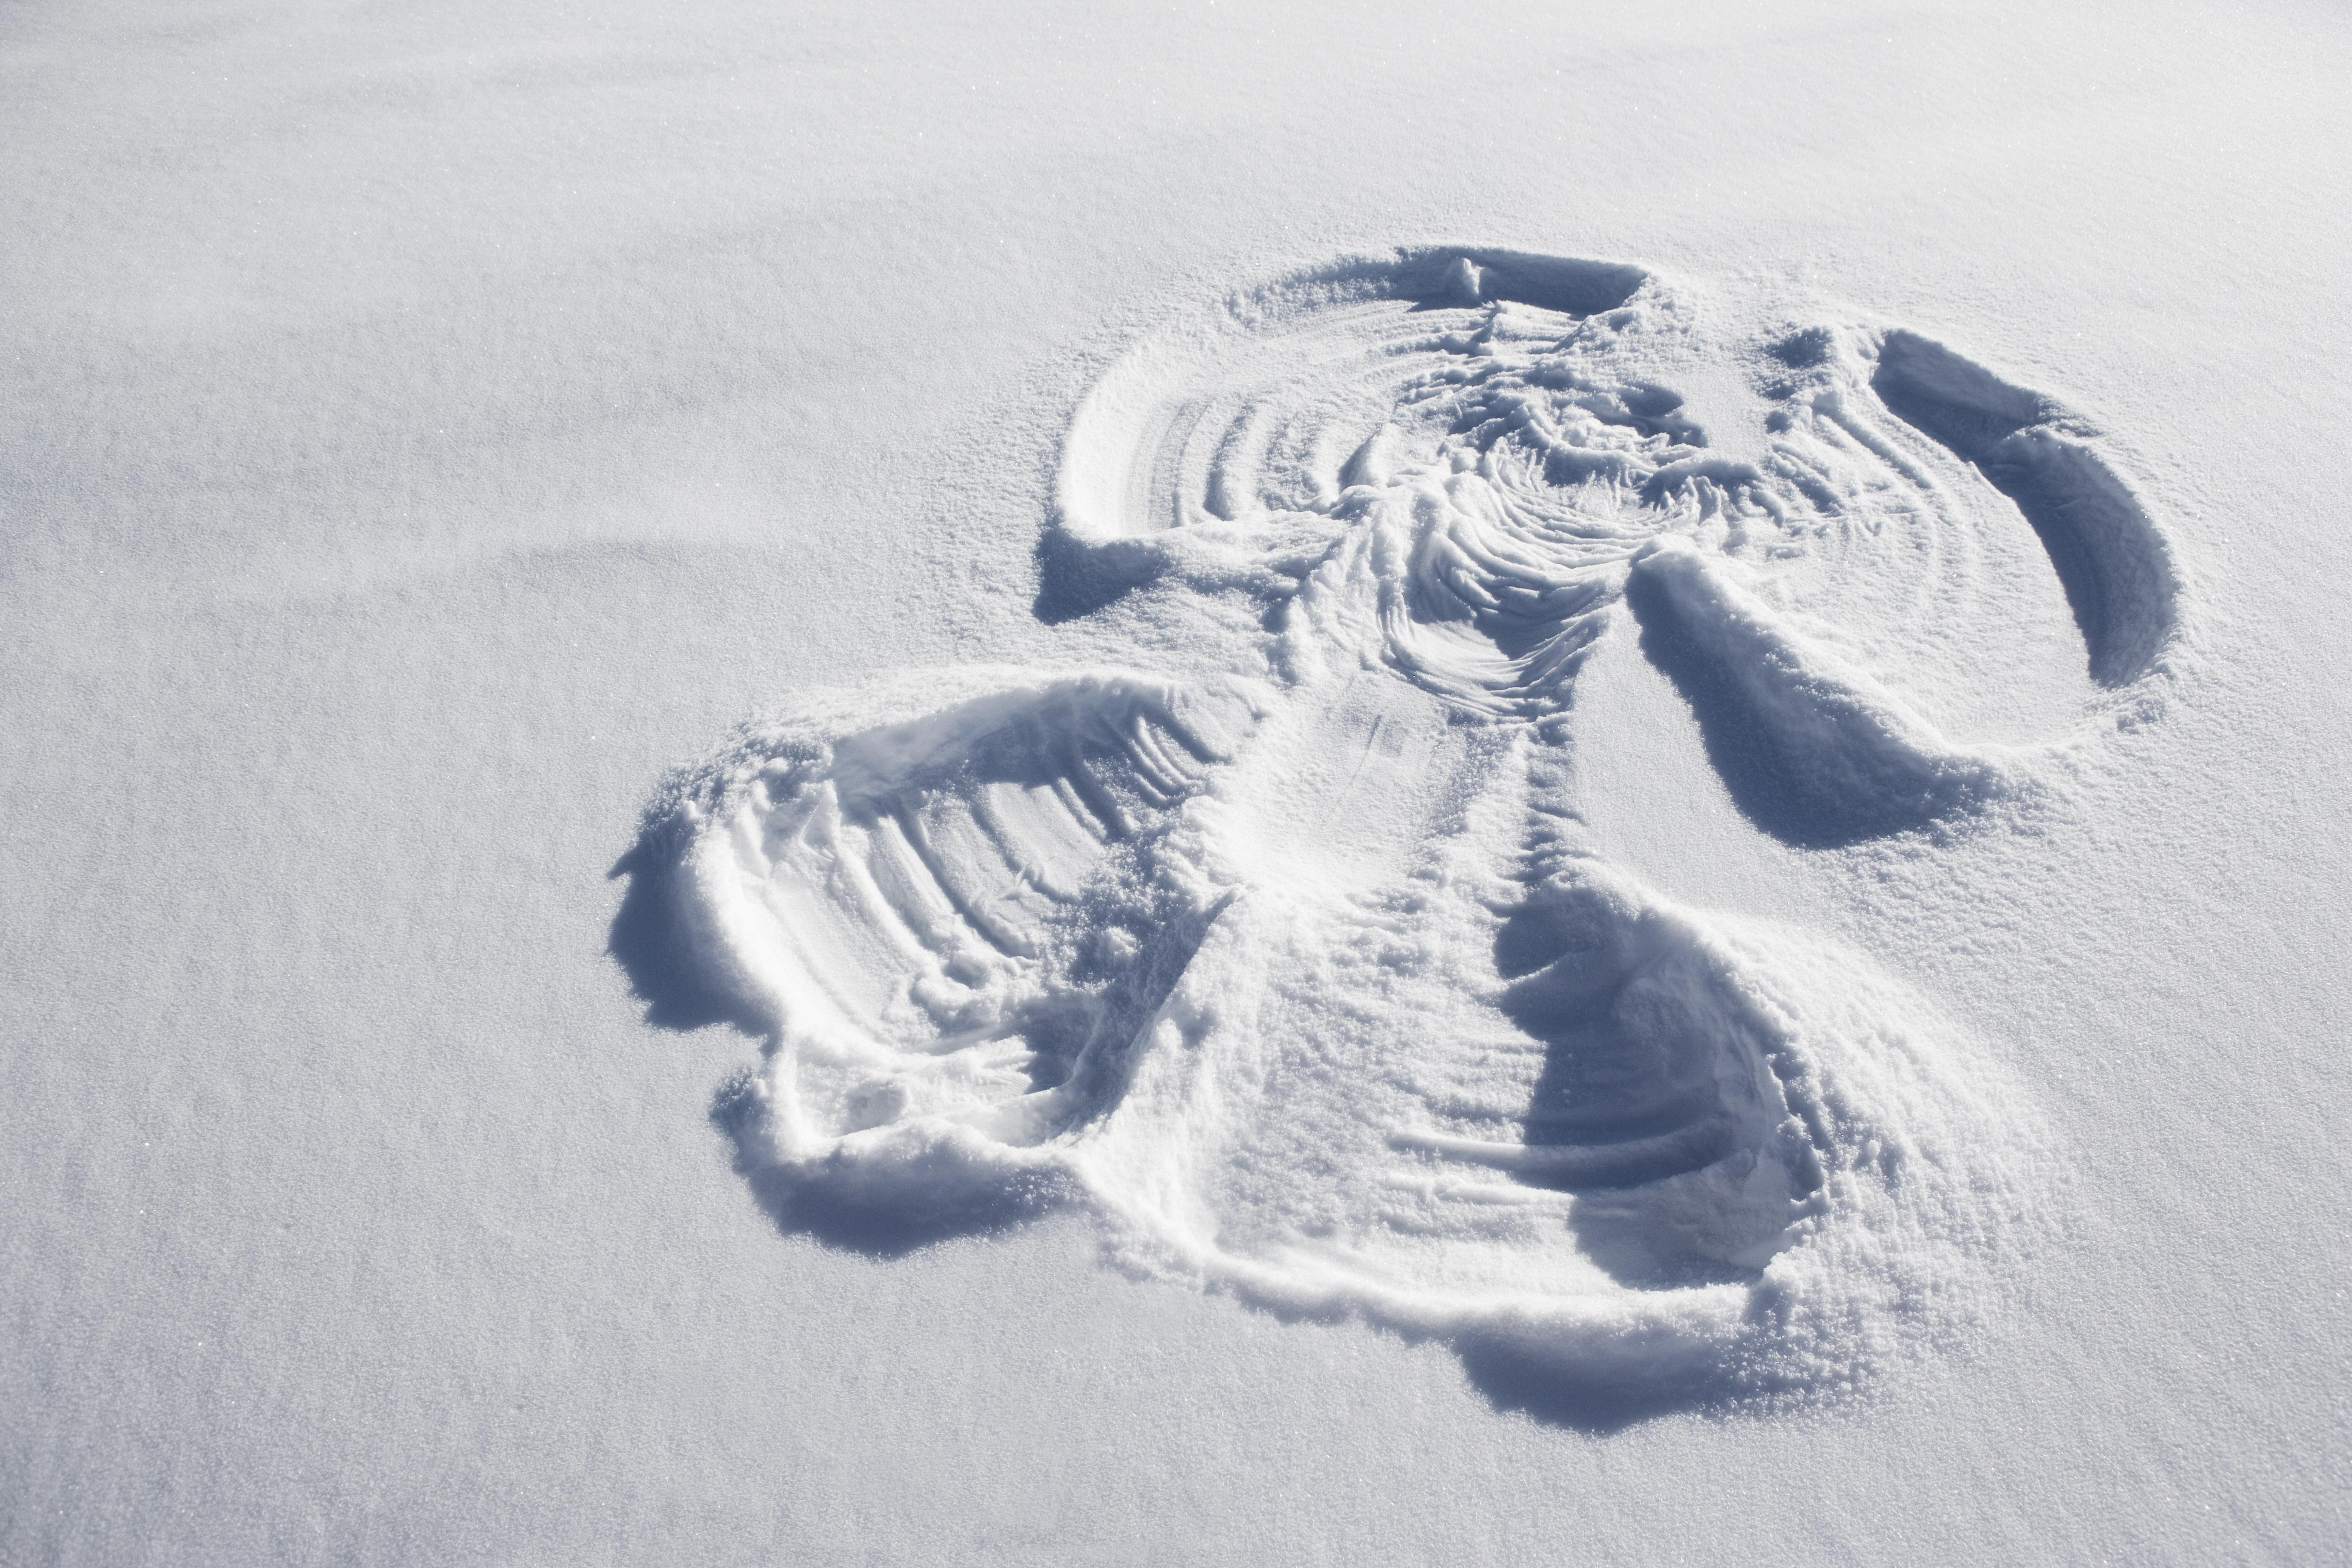 Avbildet: Snøengel